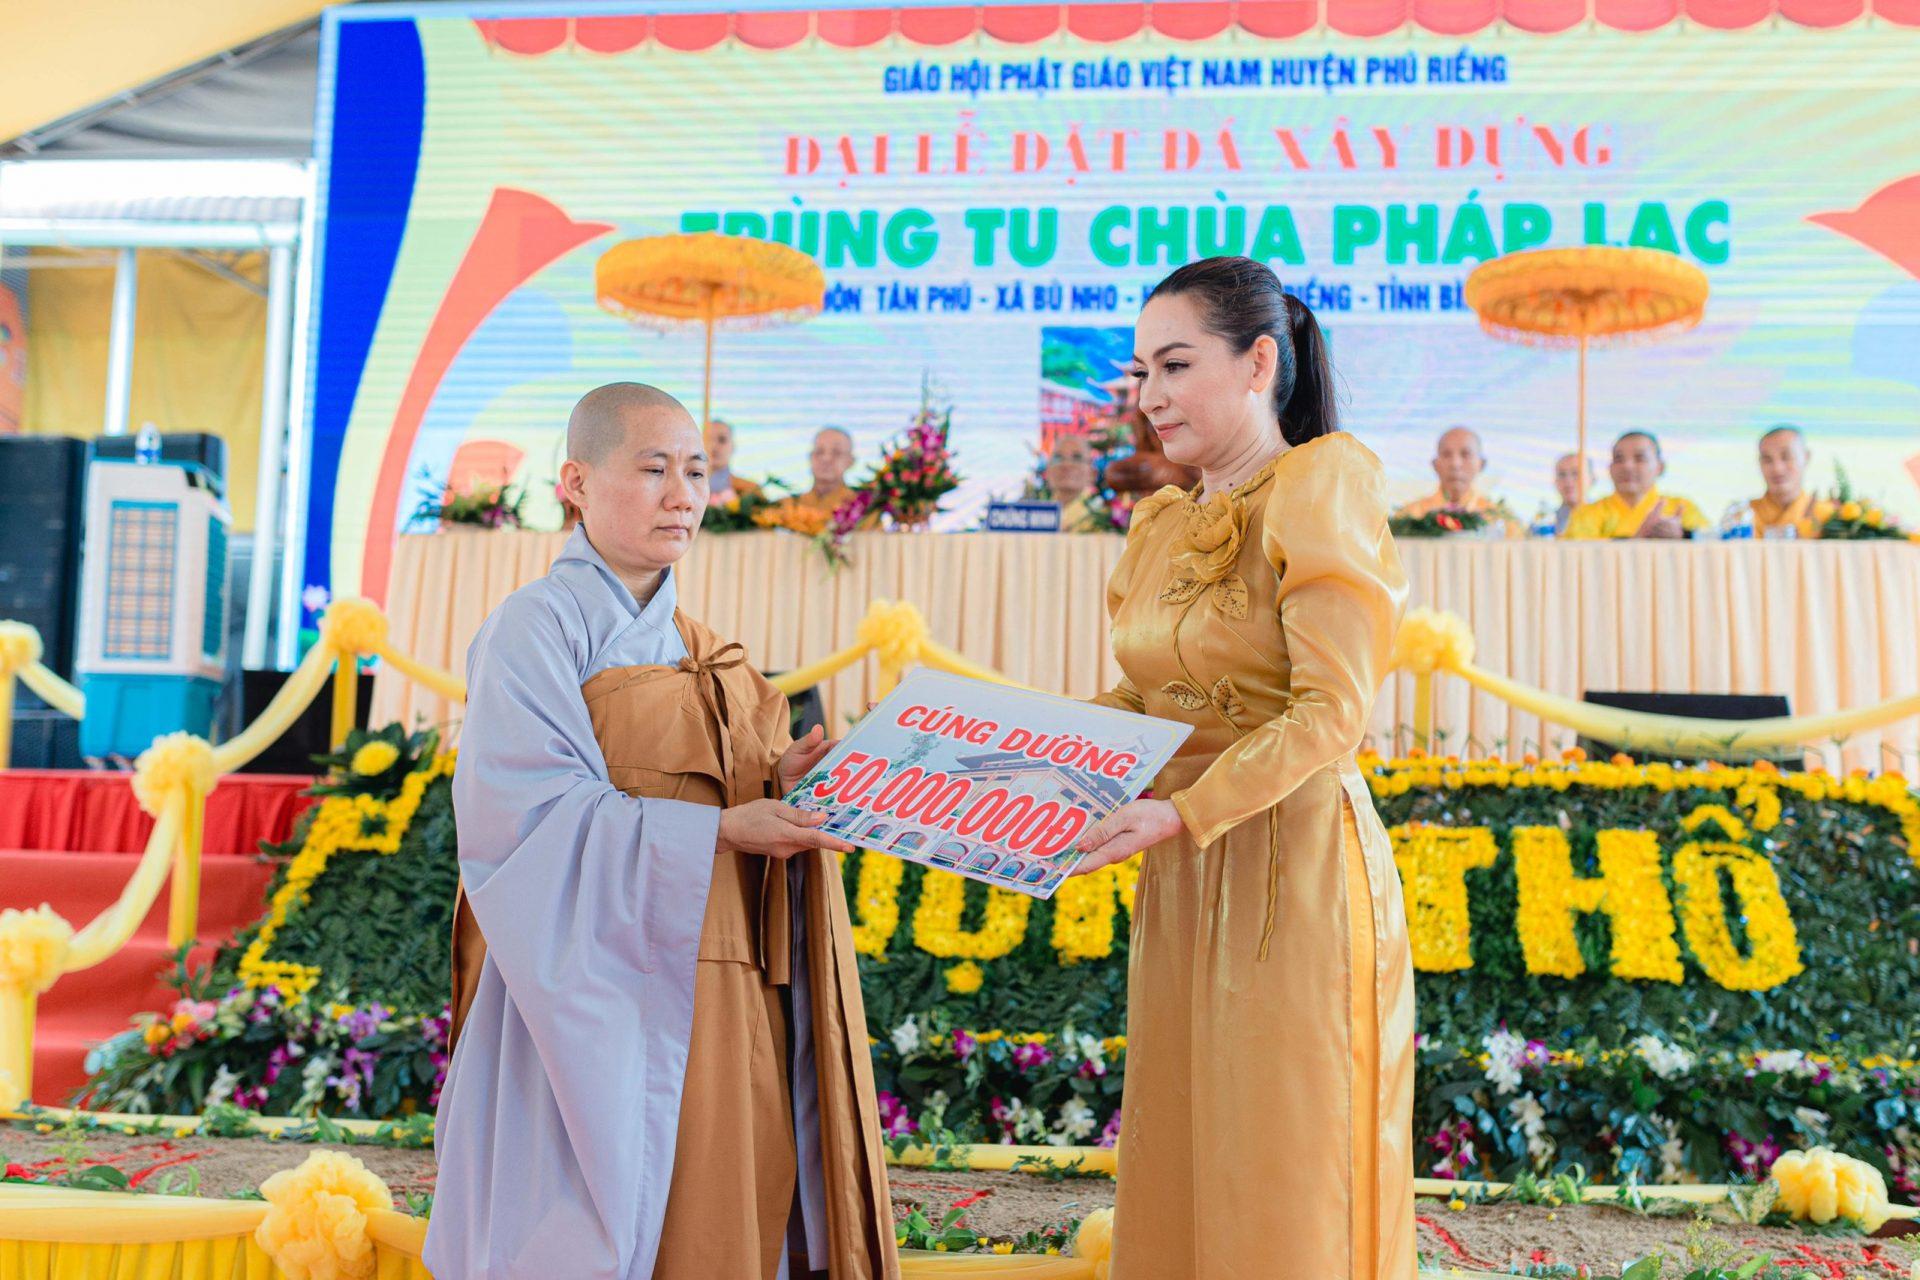 Mái ấm của ca sĩ Phi Nhung ở chùa Pháp Lạc, tỉnh Bình Phước: 13 con nuôi cùng mang họ Phạm - Ảnh 5.